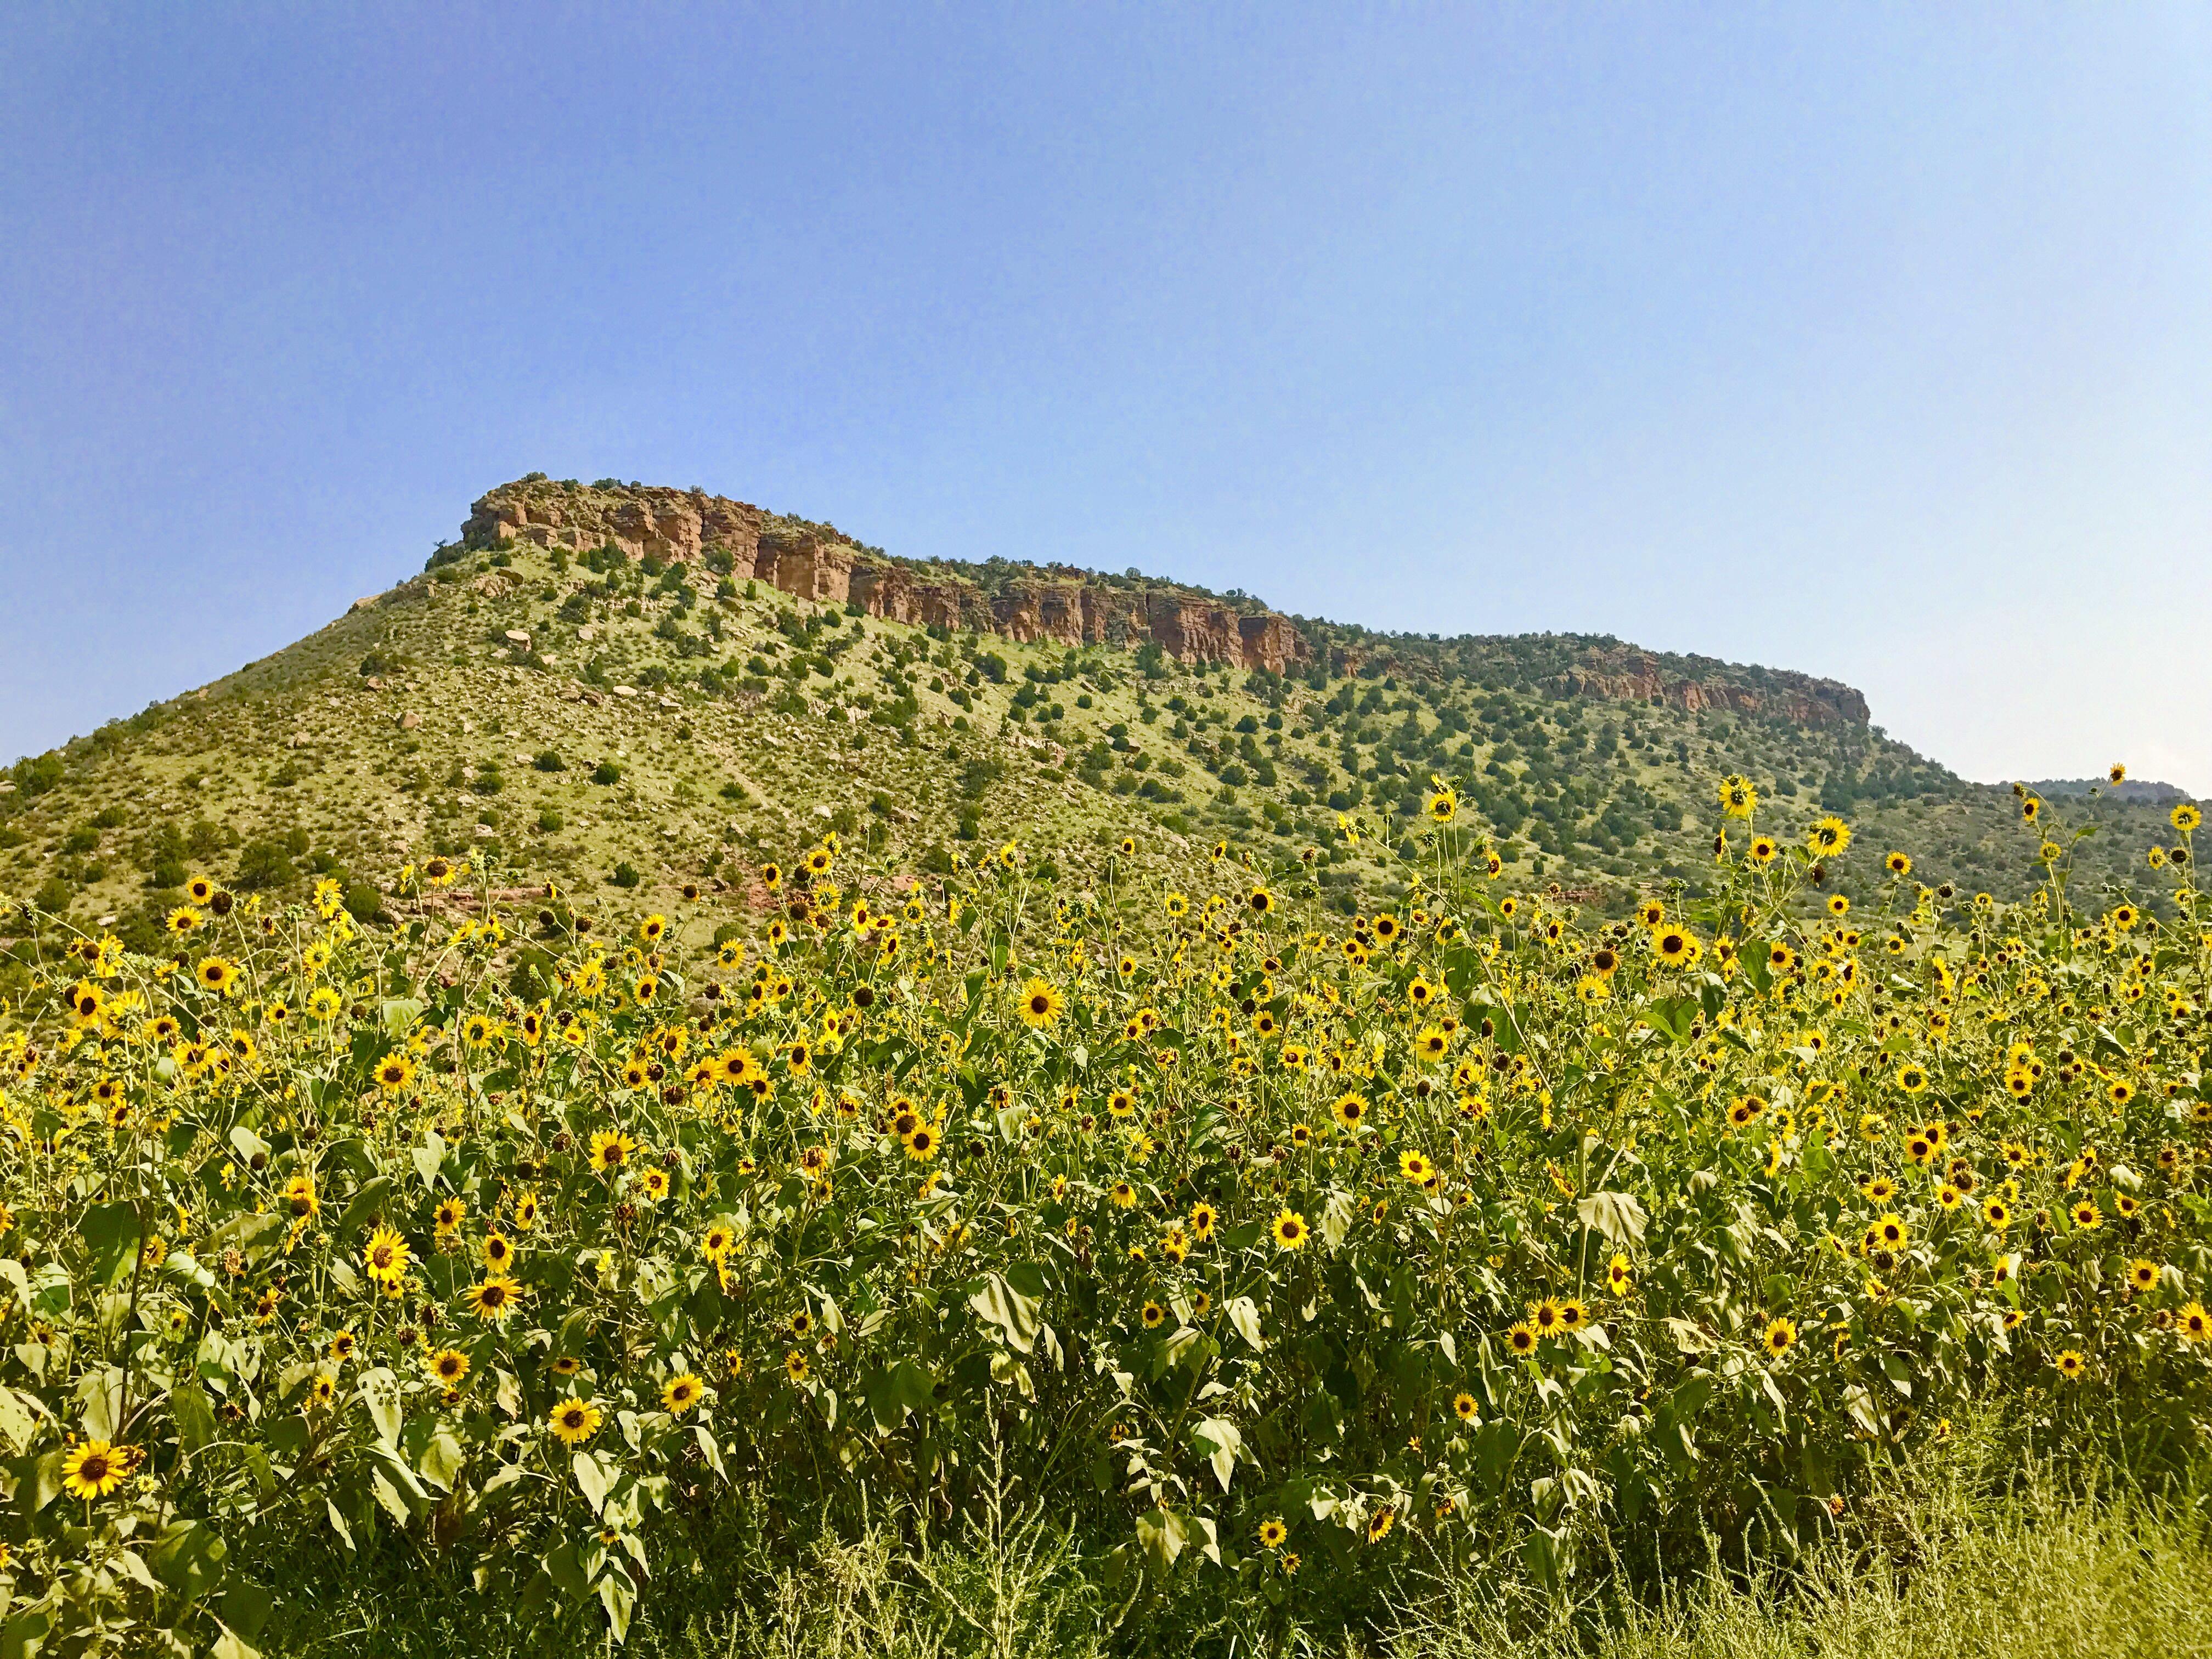 New Mexico Backroad 9.4.17